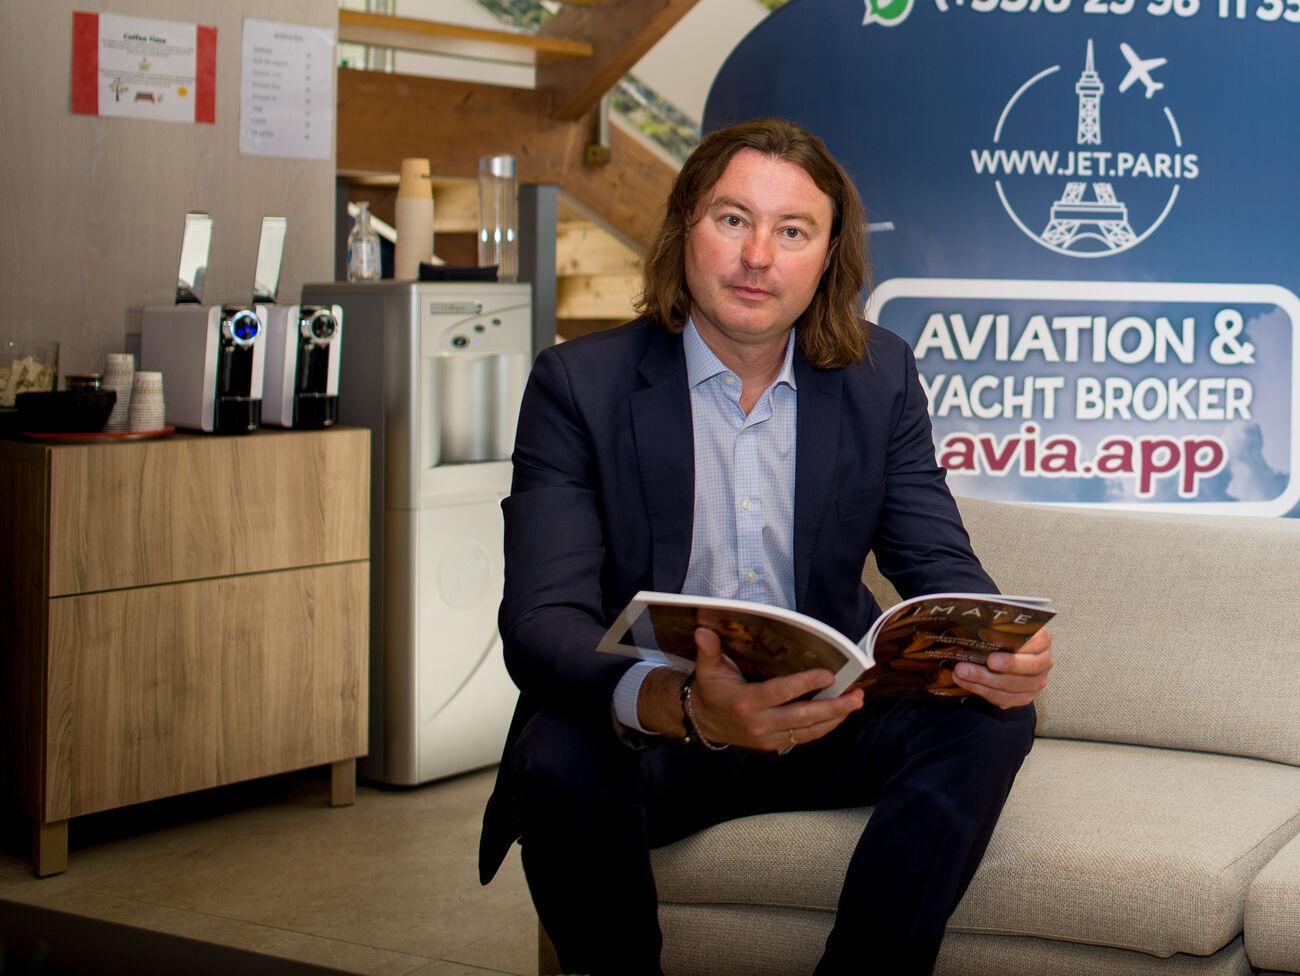 Гендиректор французской авиакомпании Архангельский рассказал, сколько стоит перелет на частном самолете